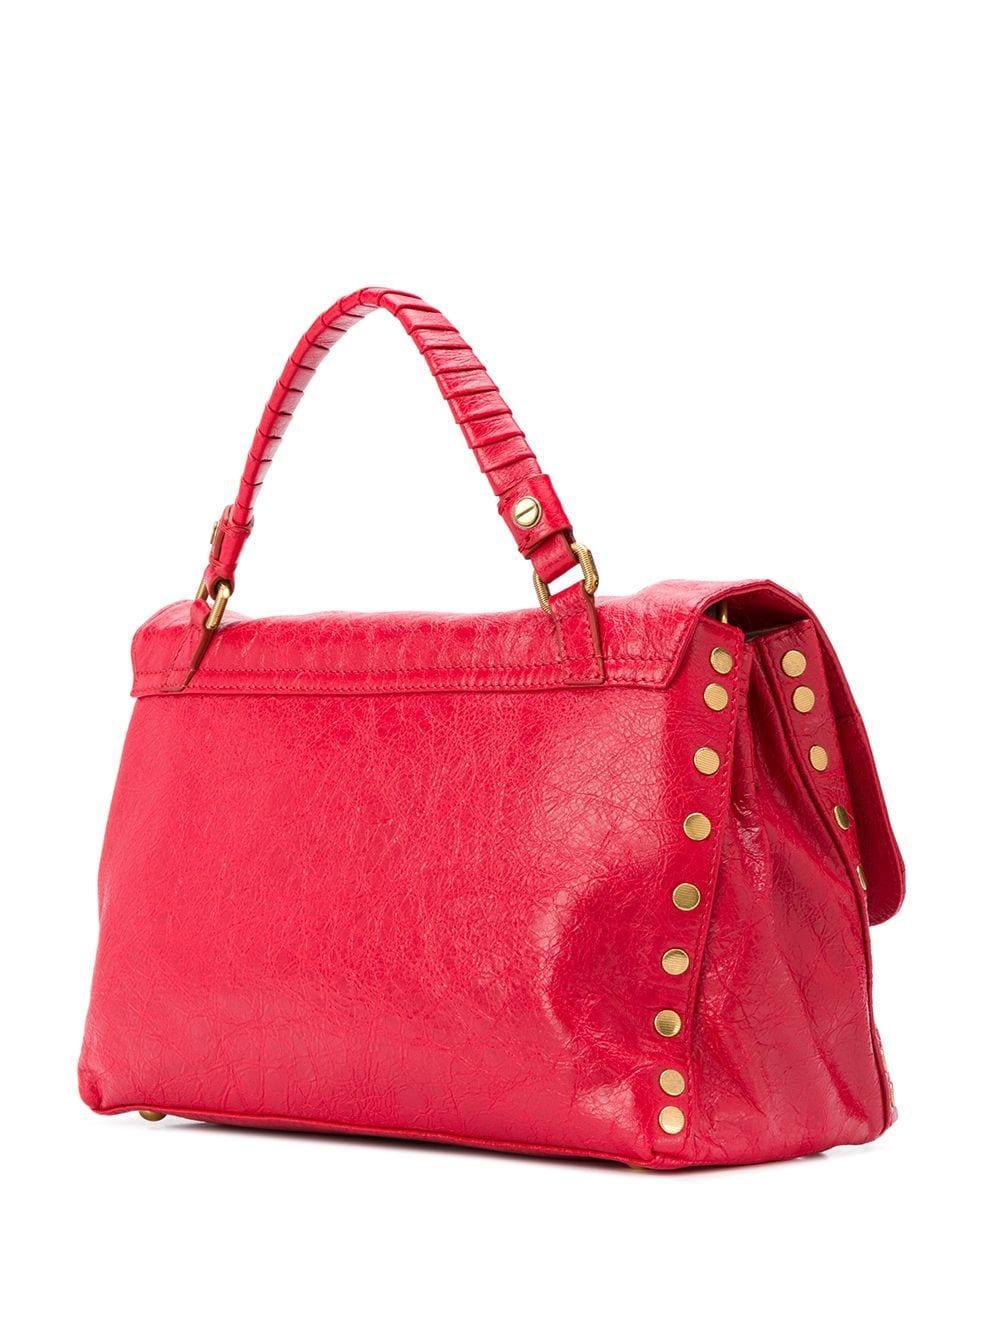 Zanellato Leder Texturierte Handtasche in Rot 3nAmc